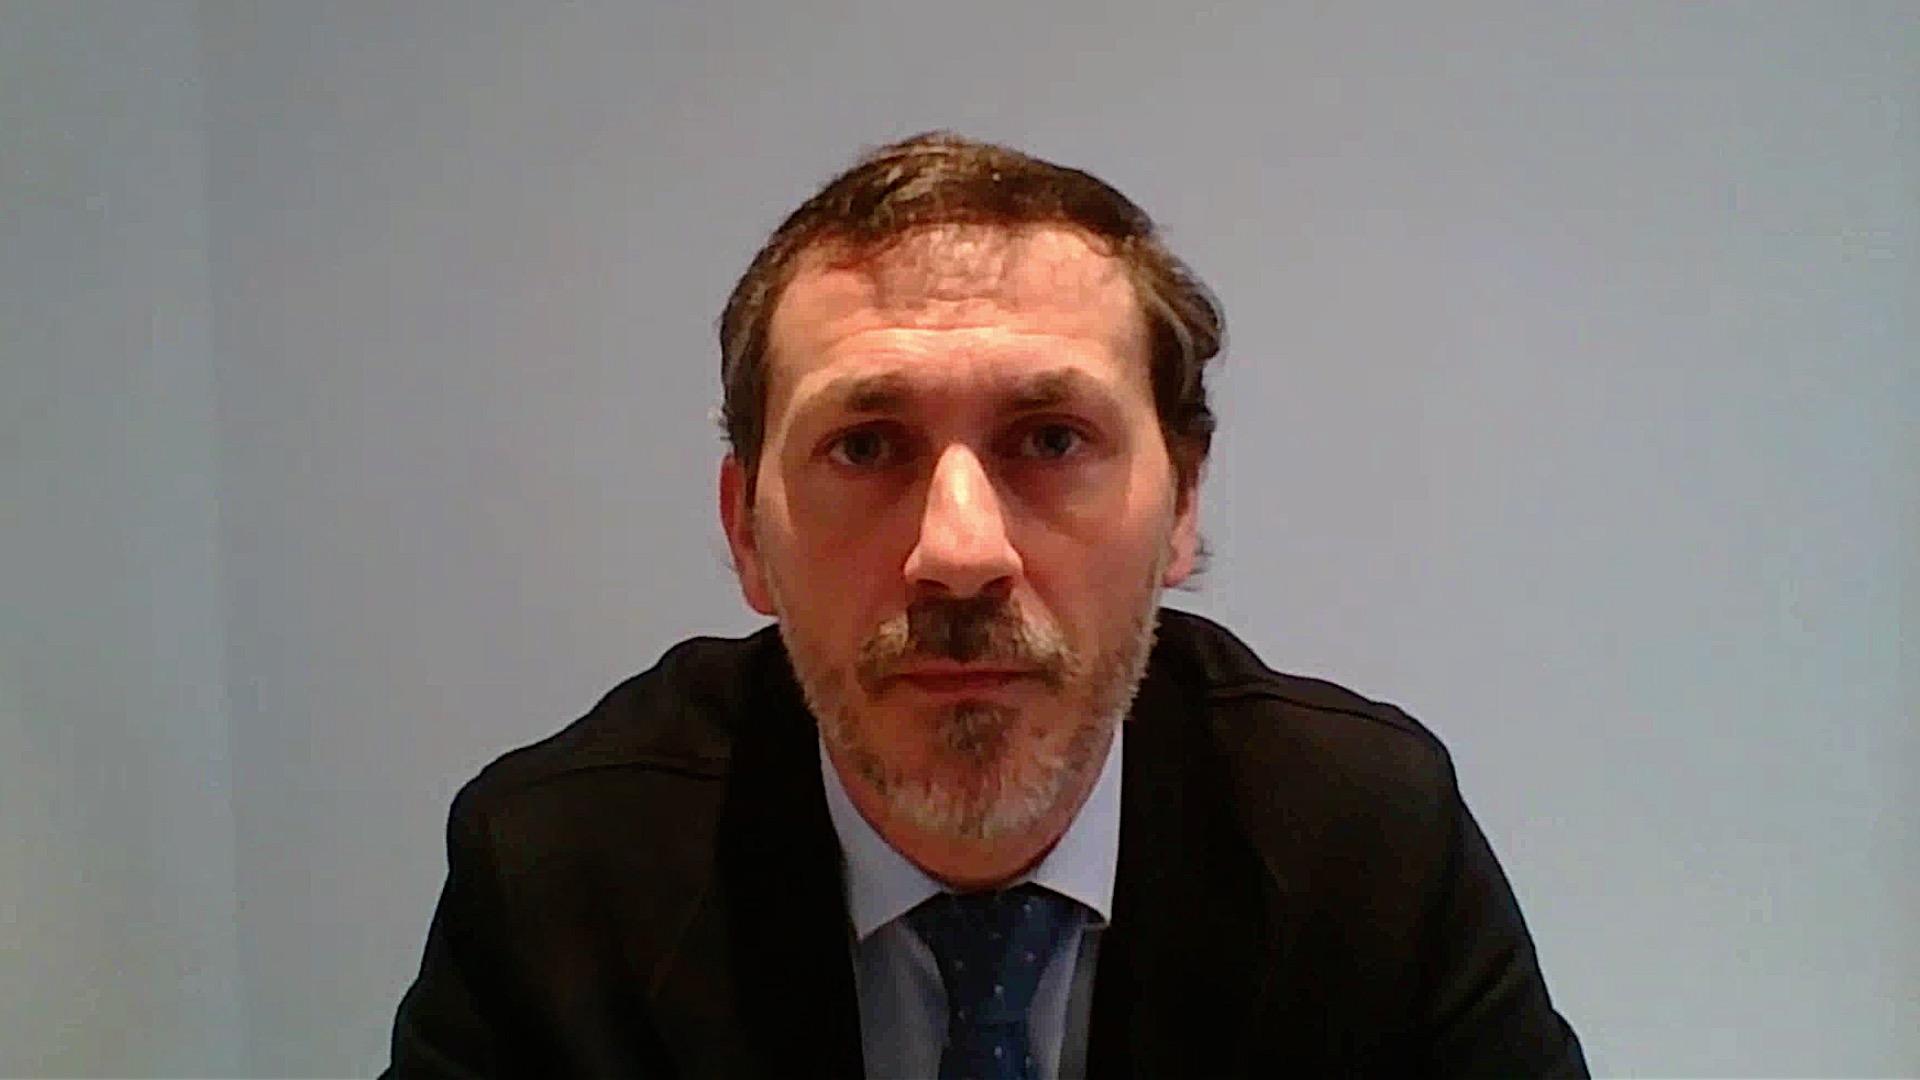 Eduardo Moneo, Responsable de la División Laboral de B-kaind